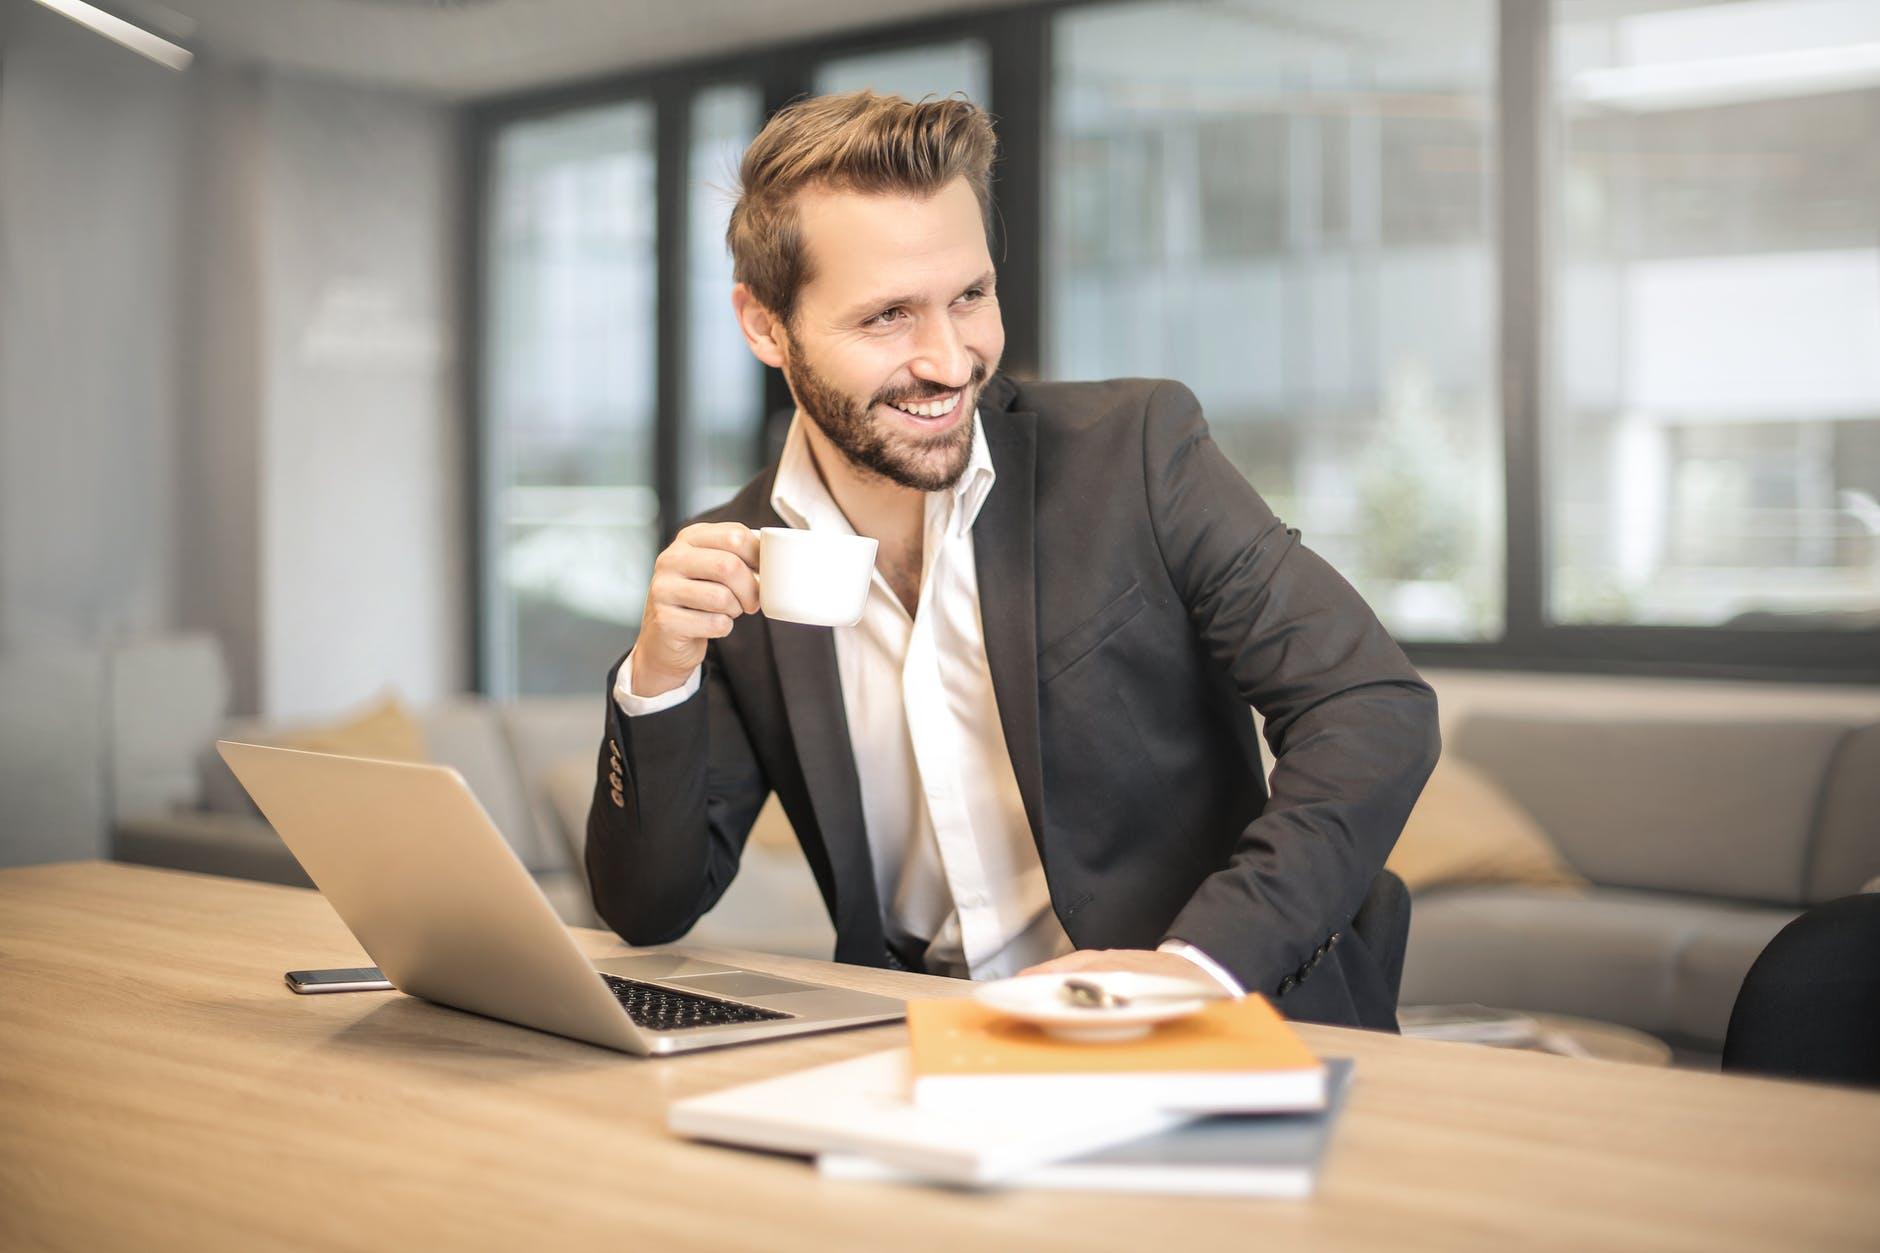 شاب موظف يشرب القهوة